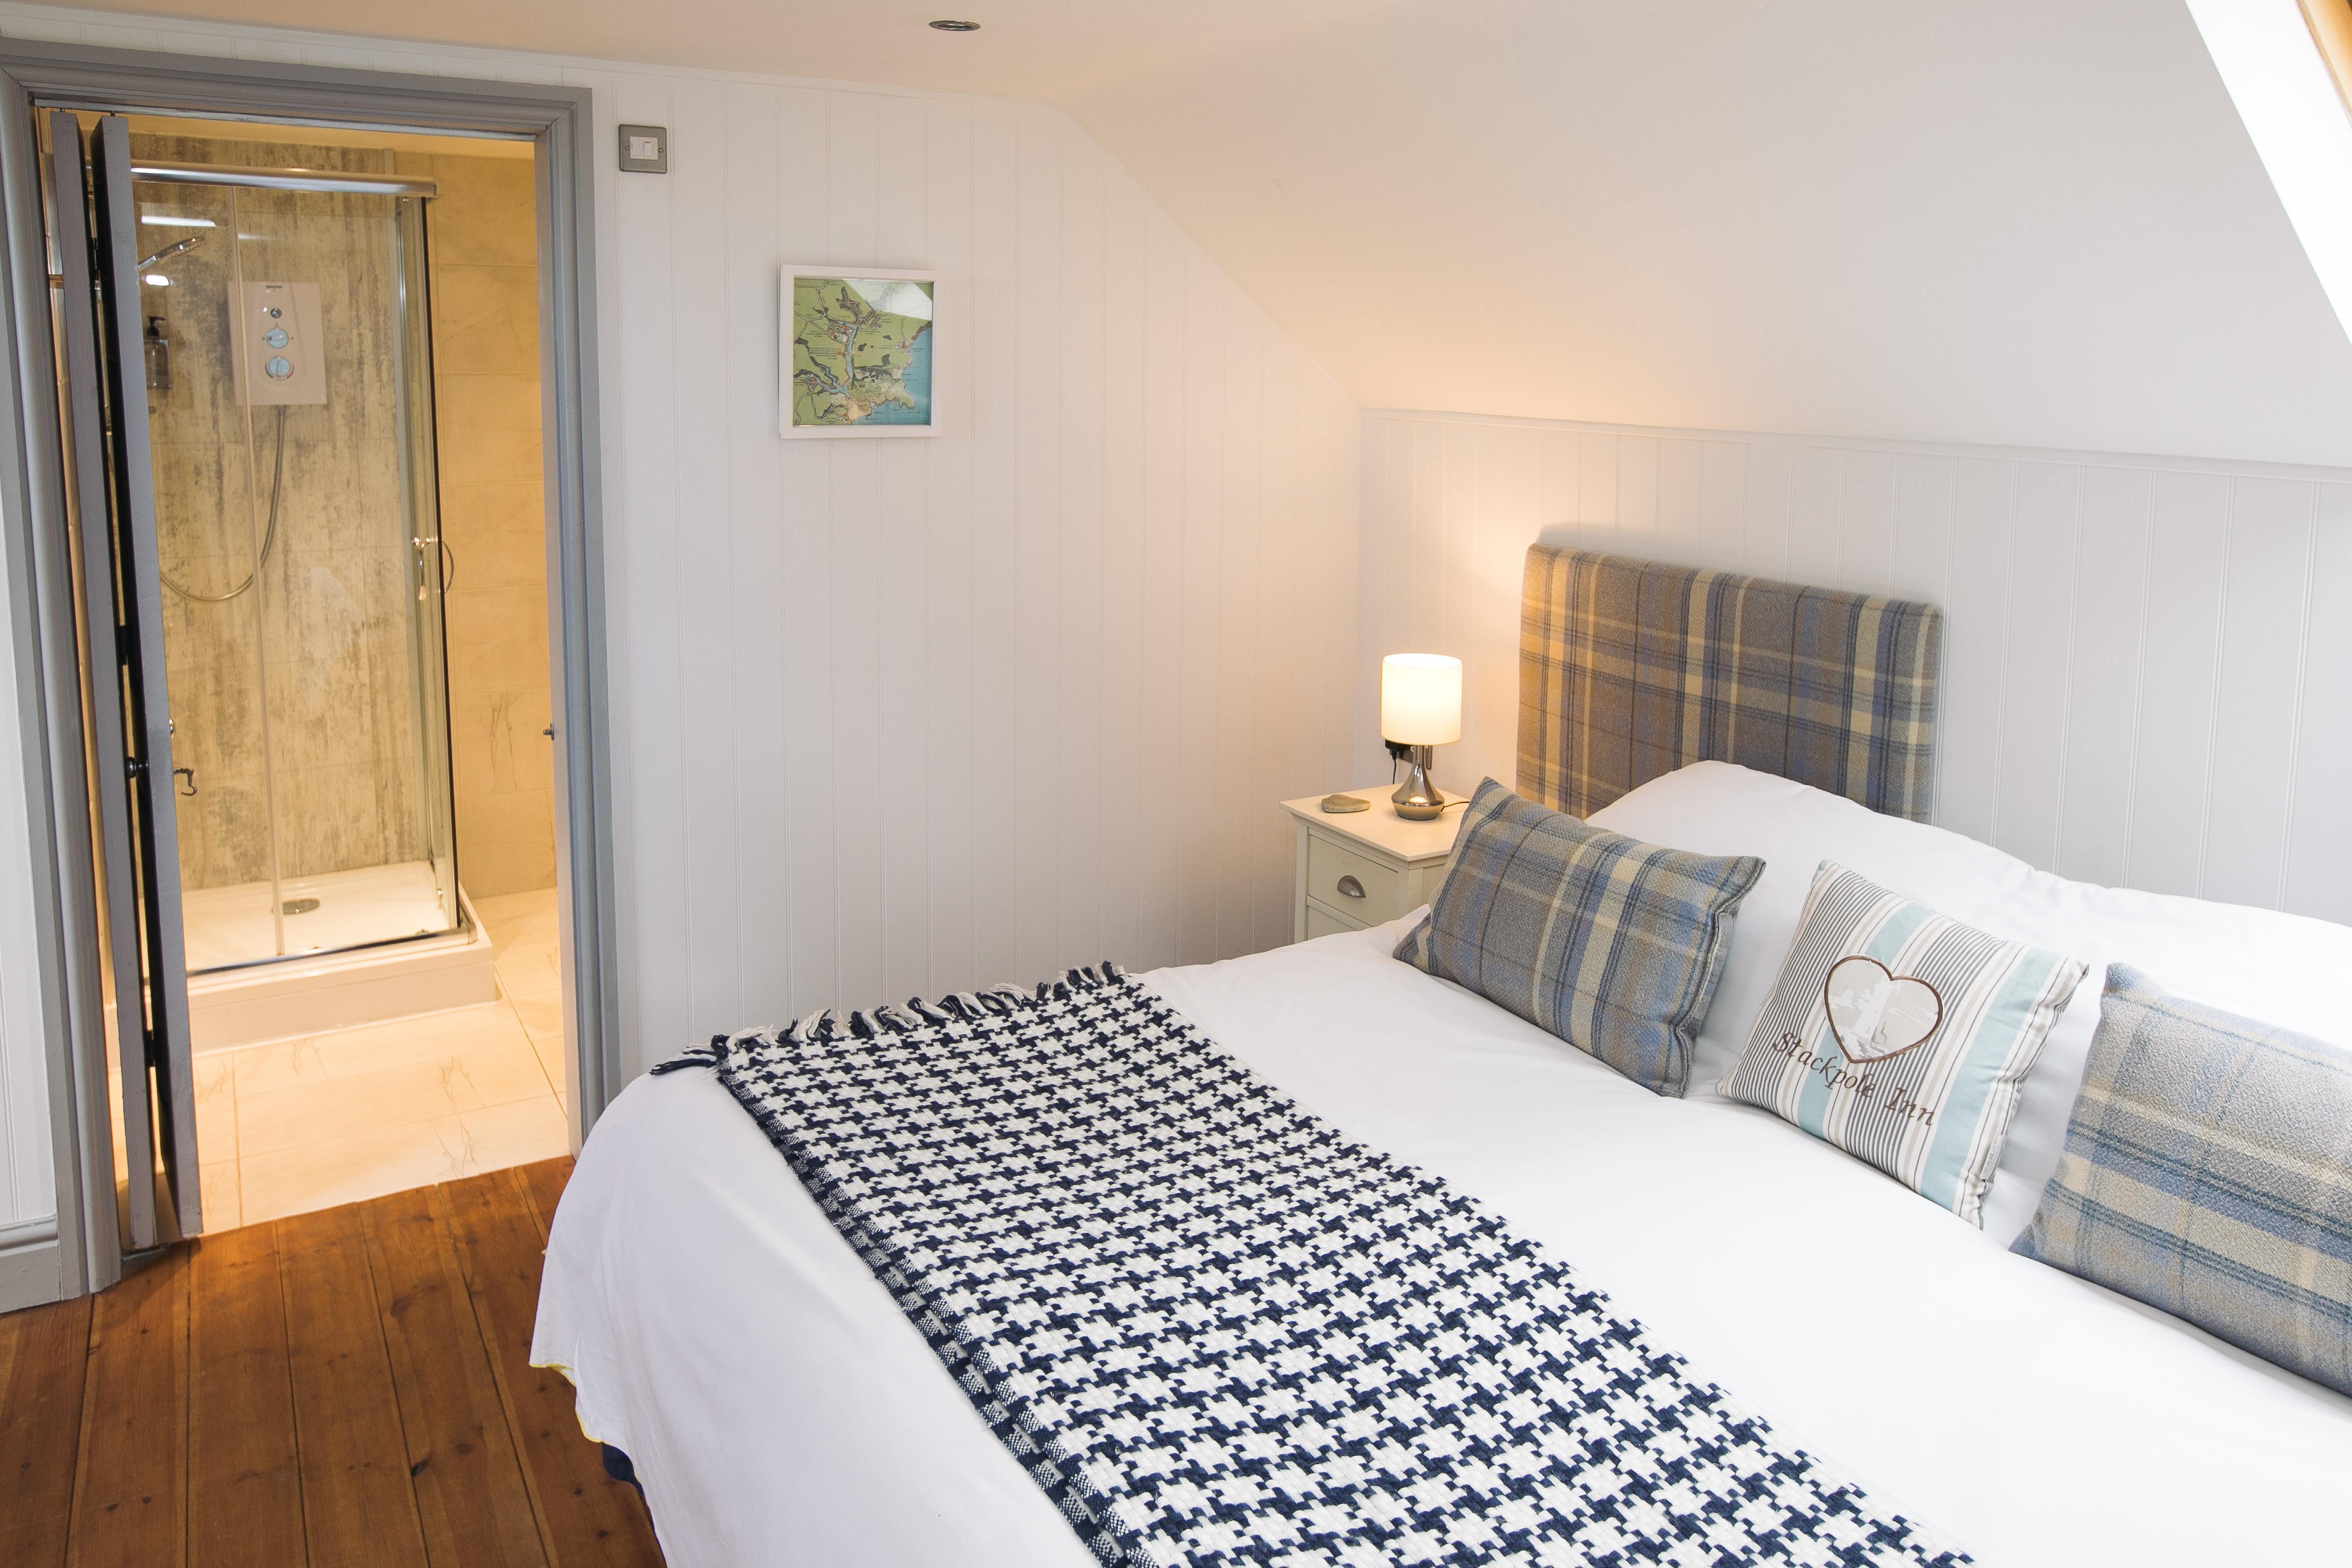 Double En-suite Room - 1 Adult (inc. Breakfast)